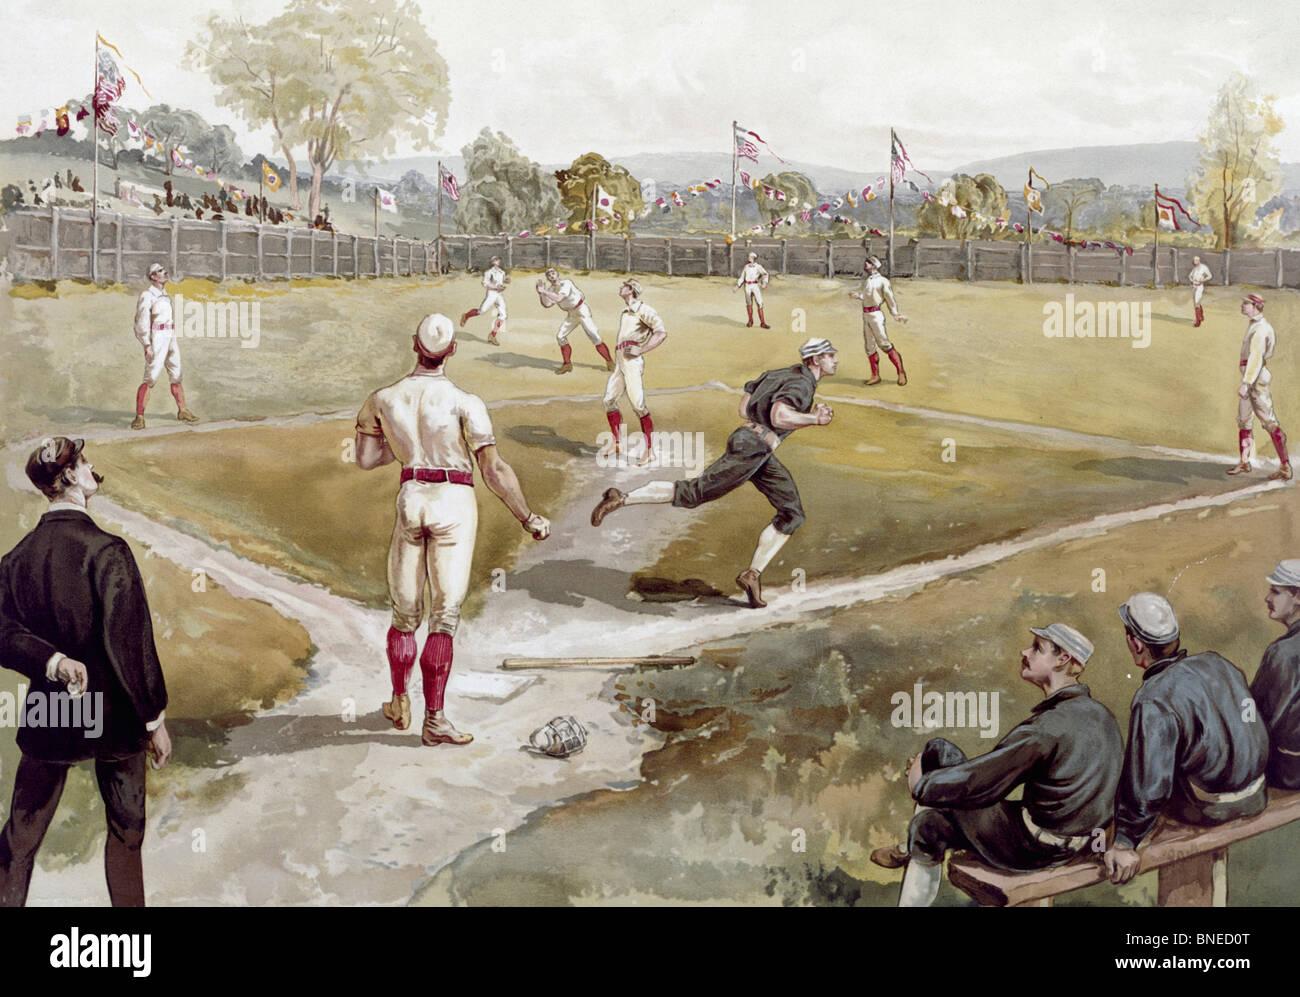 Béisbol, artista desconocido, acuarela Imagen De Stock